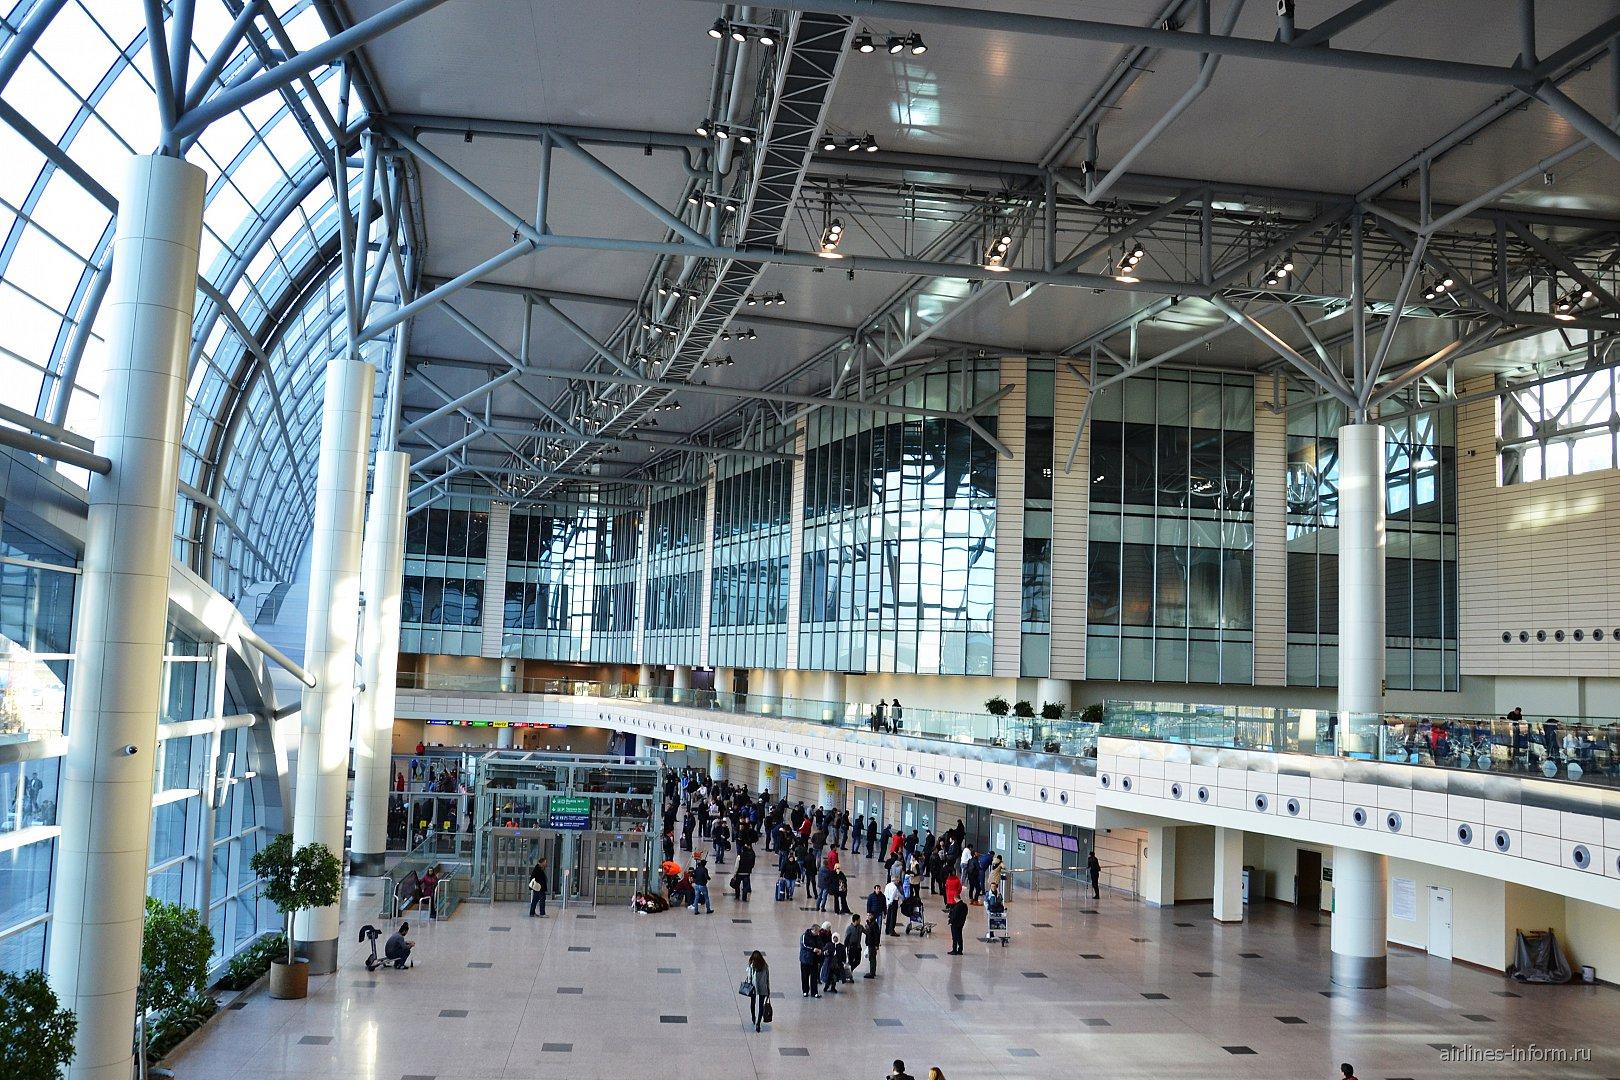 Сектор Е и зал прилета пассажиров в аэропорту Домодедово